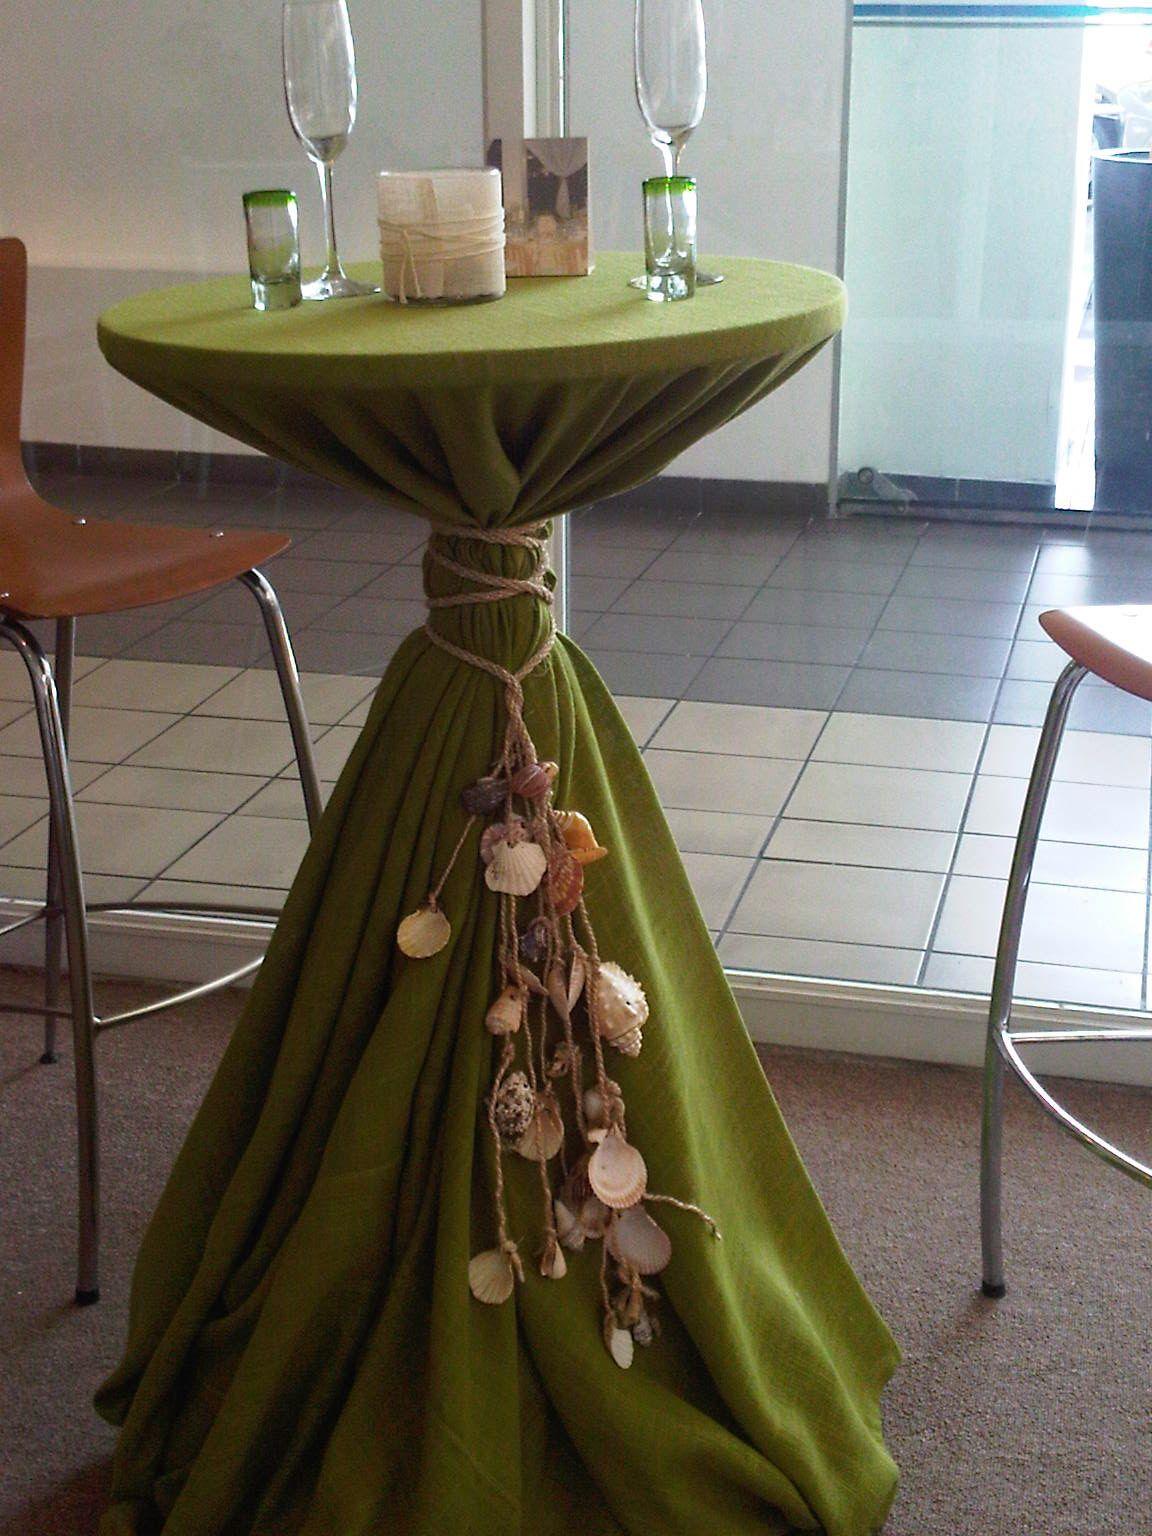 Out door weddings mesa coctelera con mantel de yute color verde manzana y lazo coach chef - Mantel para mesa exterior ...